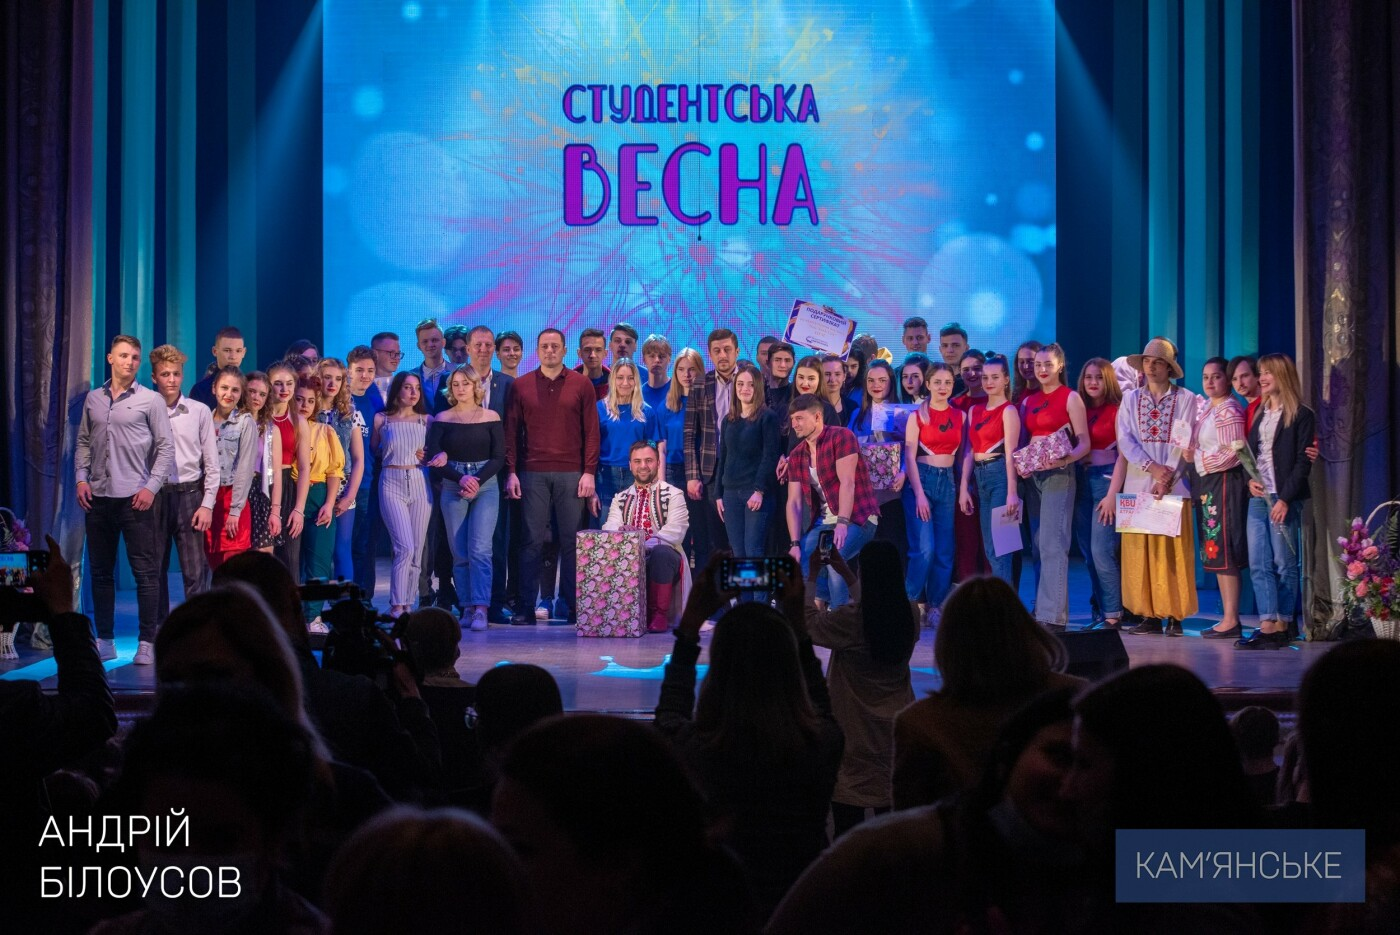 Фестиваль «Студенческая весна» состоялся в Каменском, фото-3